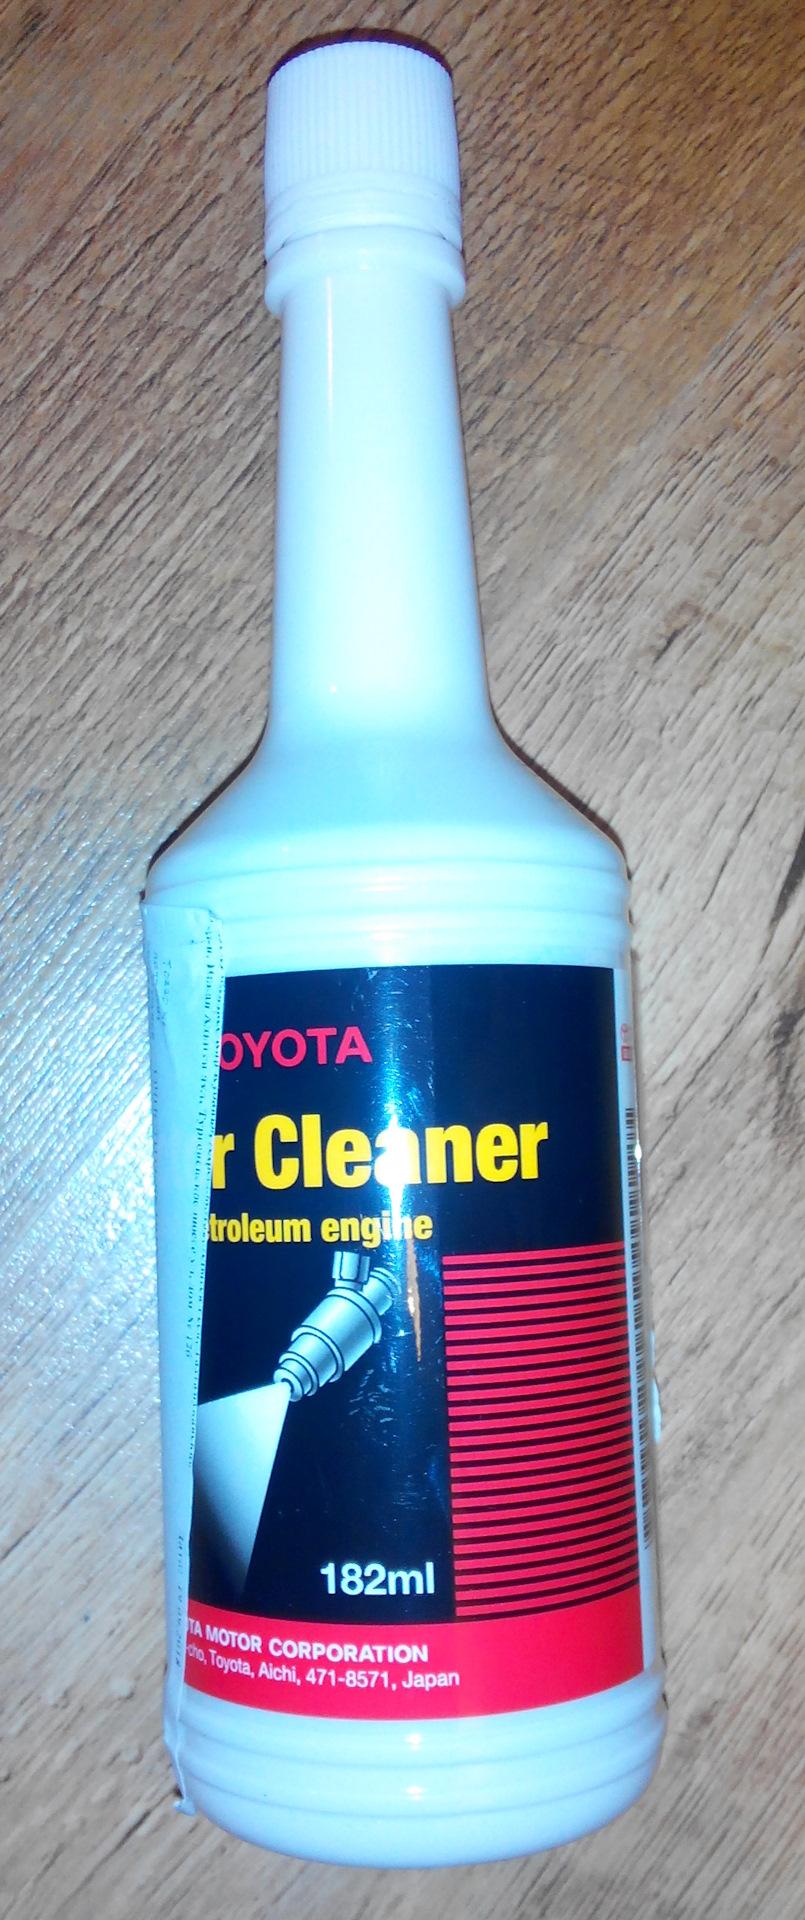 toyota d4 для очистки инжекторов автомобилей тойота